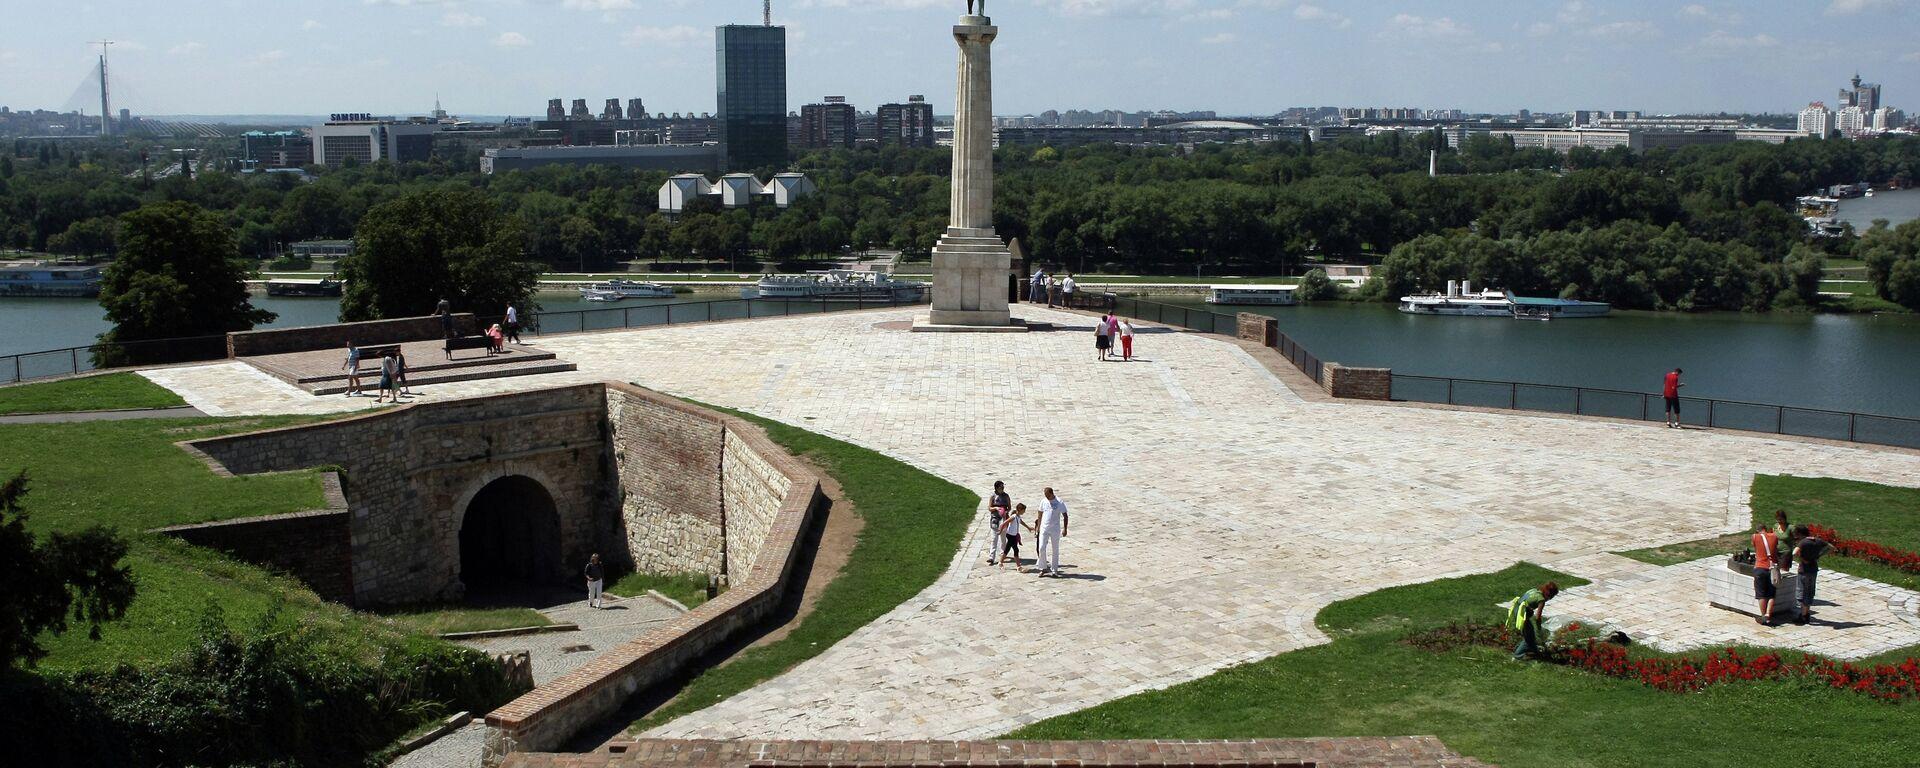 Sırbistan'ın başkenti Belgrad. - Sputnik Türkiye, 1920, 17.08.2021